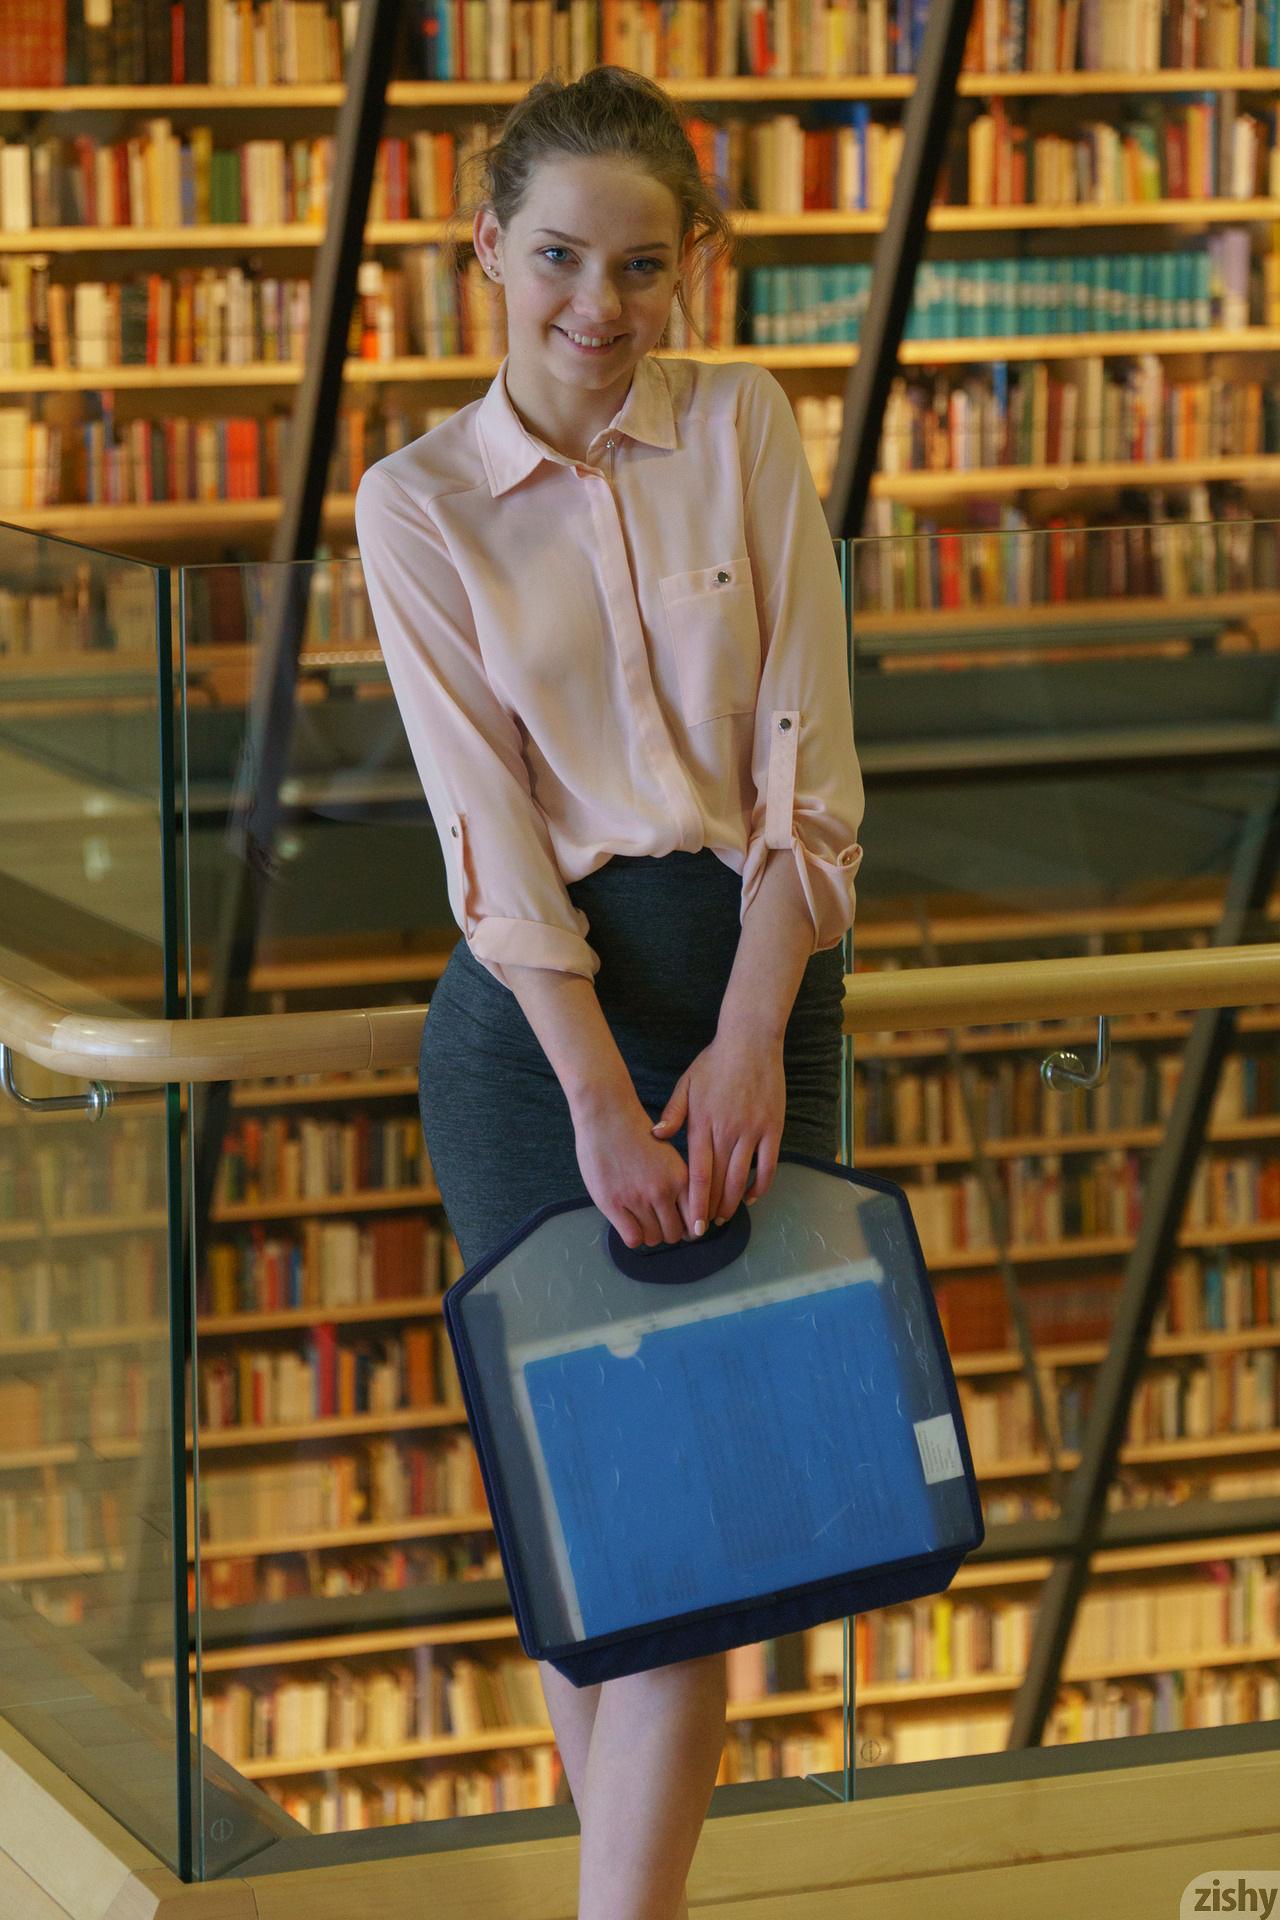 Faina Bona The National Library Zishy (23)